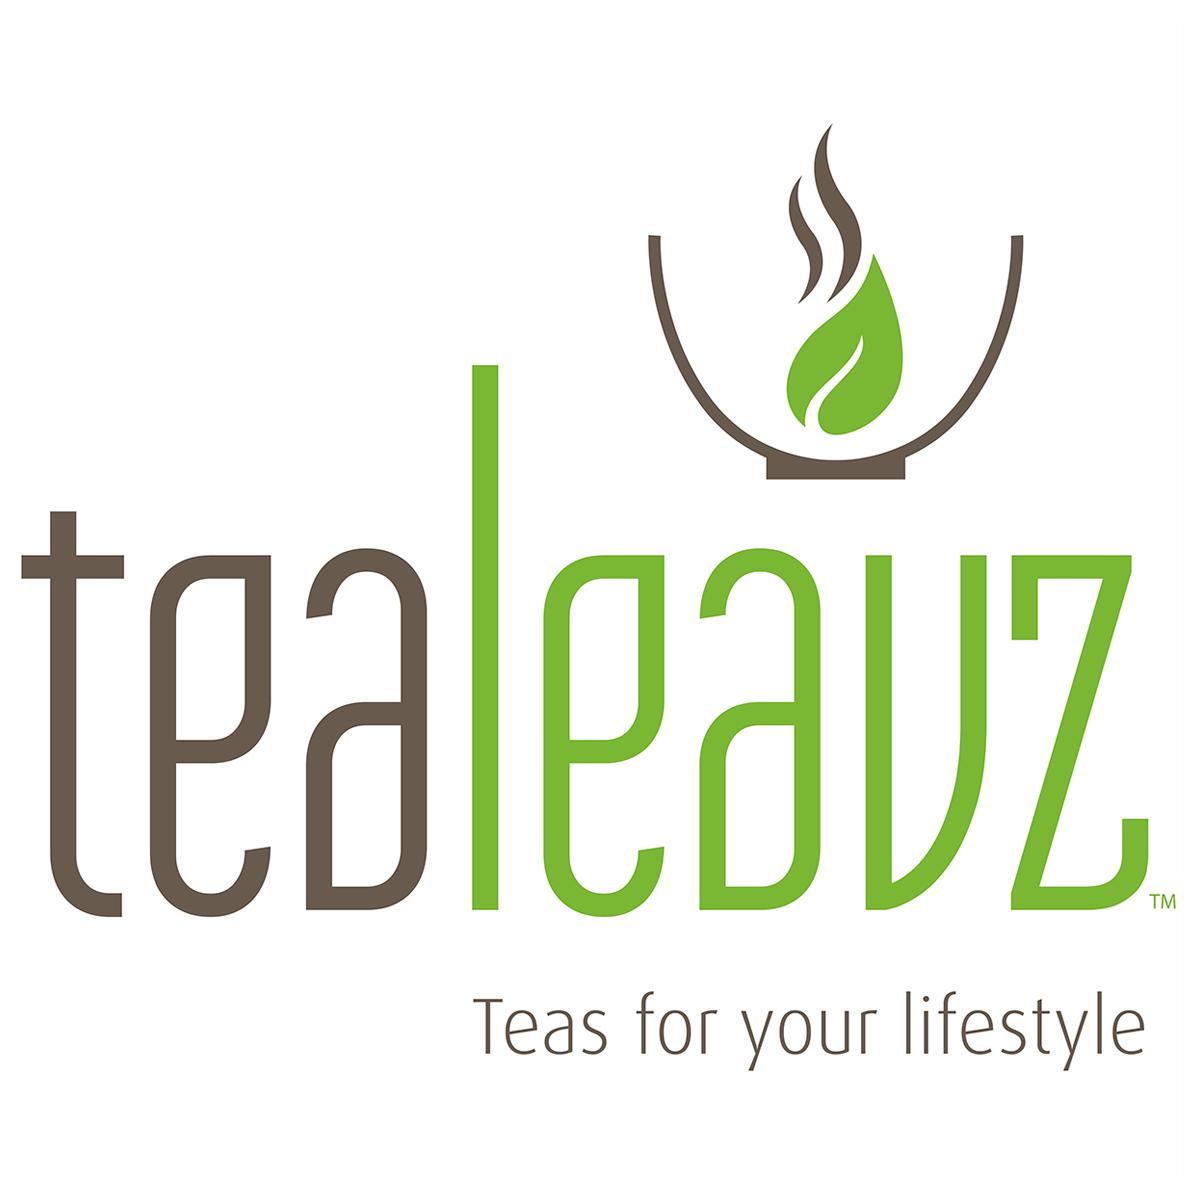 tealeavz-1200x1200.png